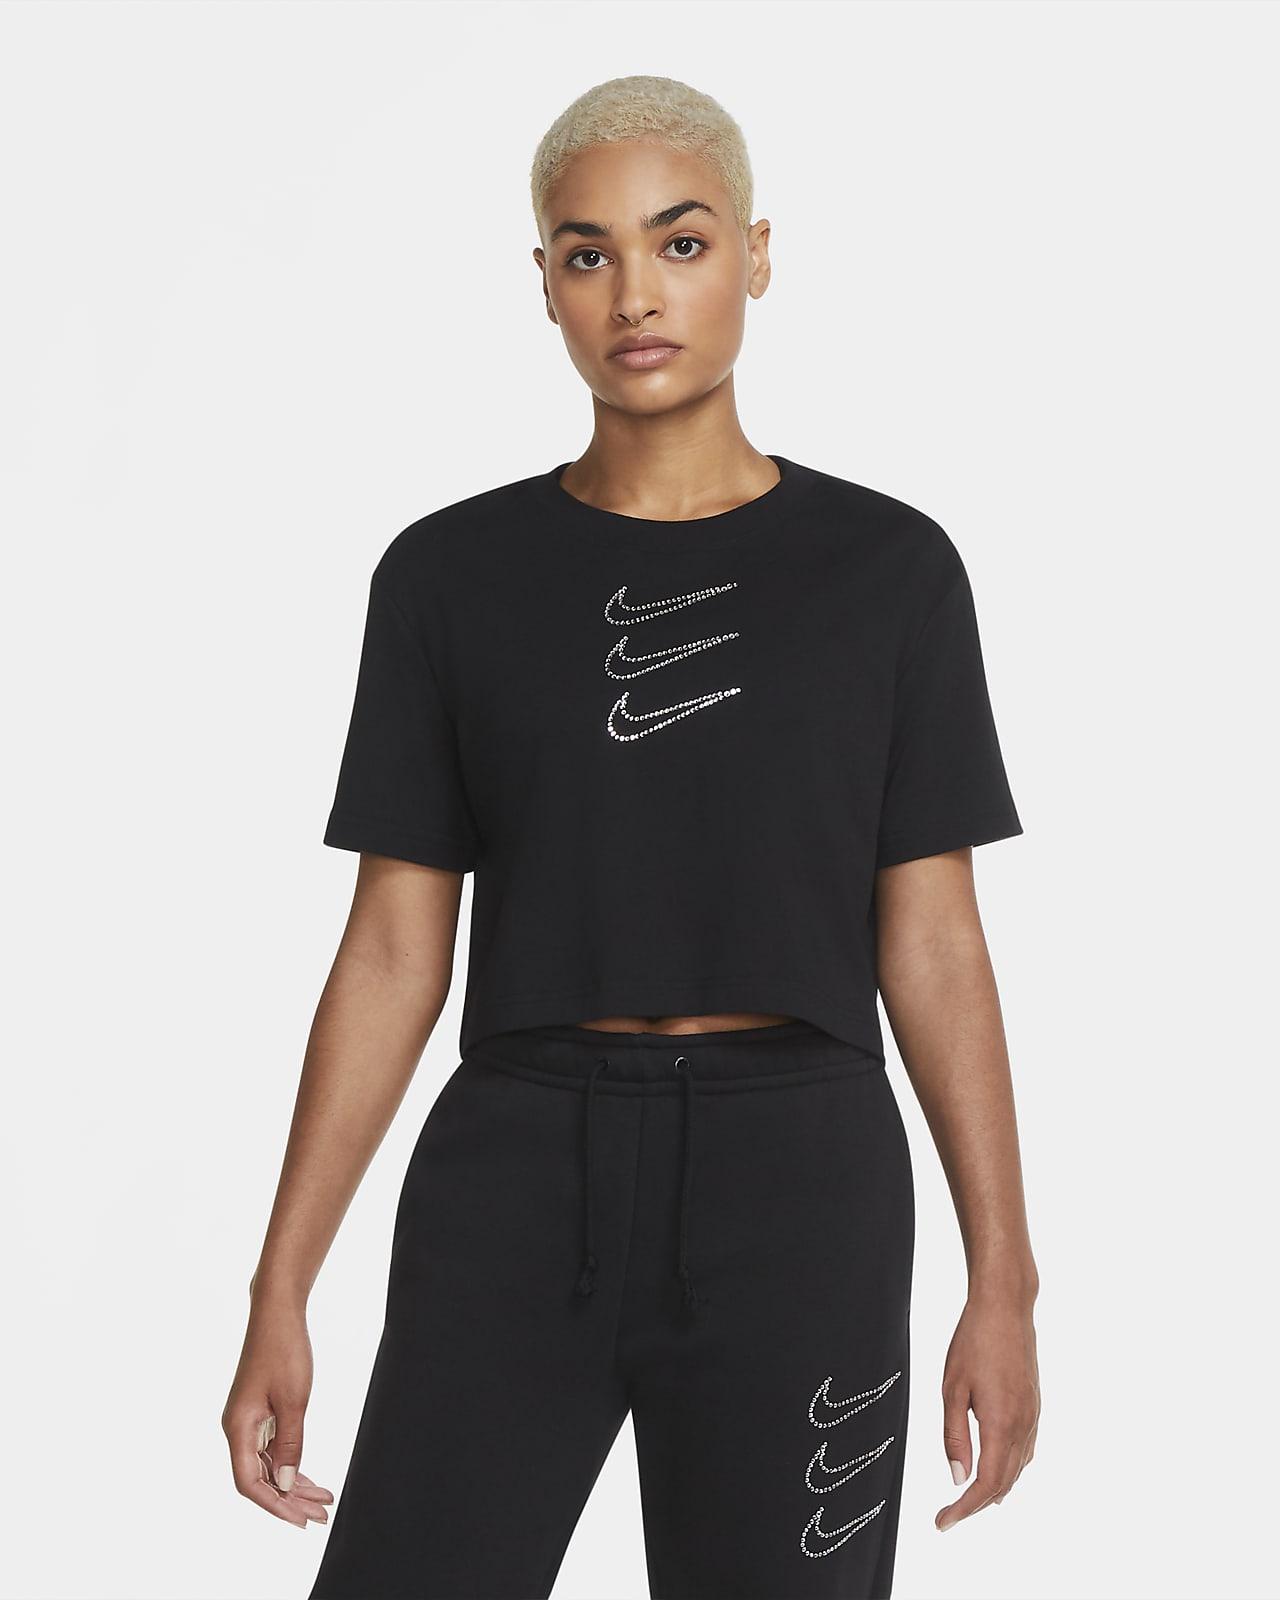 Nike Sportswear Rhinestone Women's Crop Top